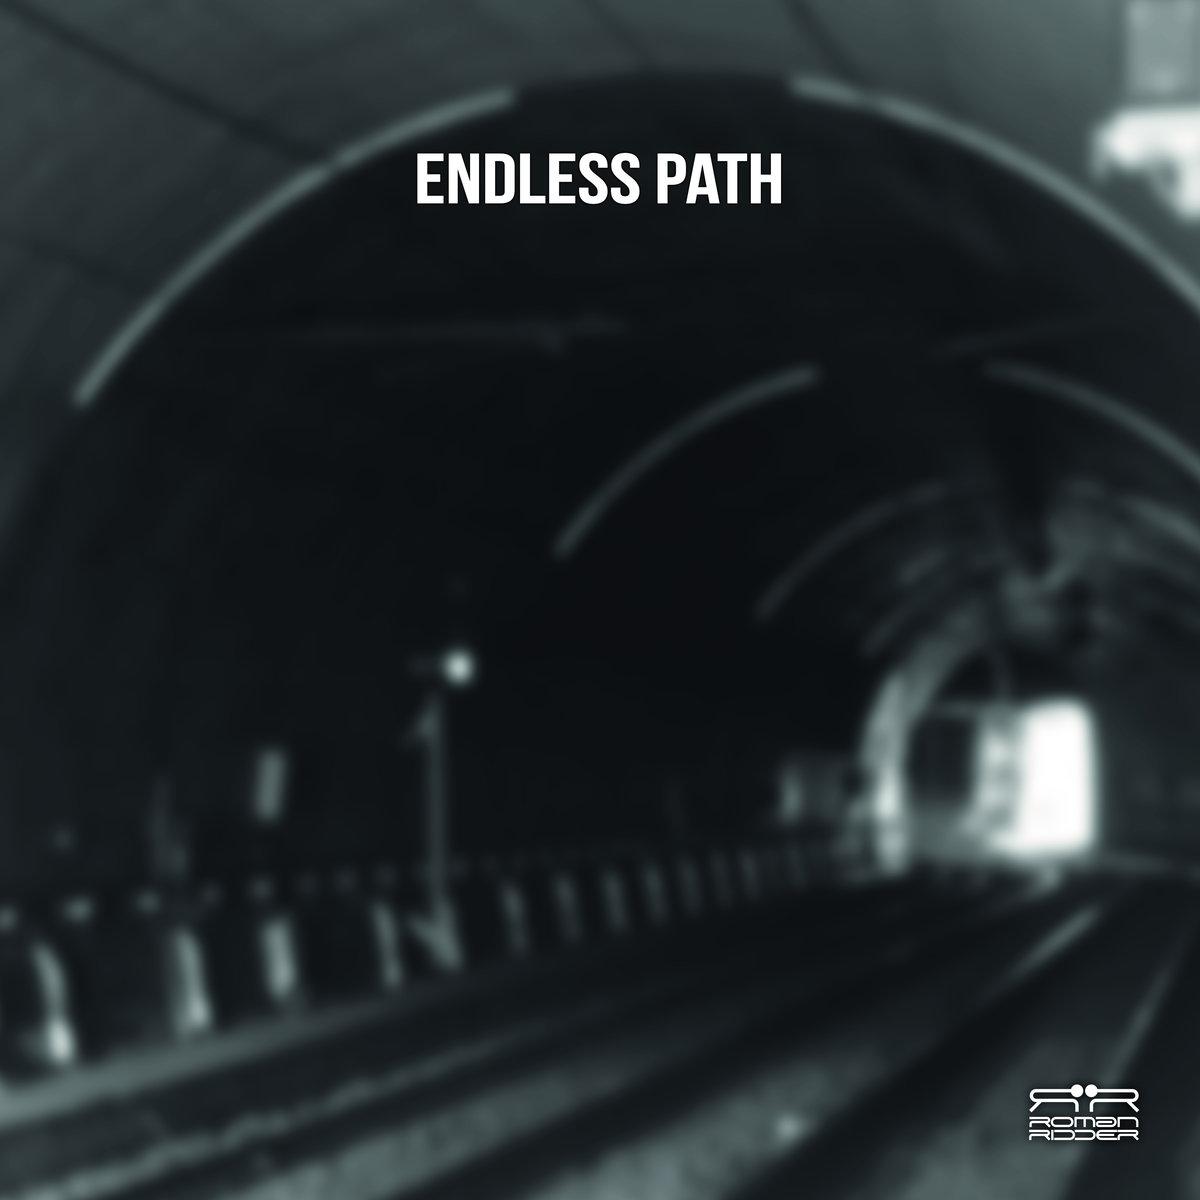 EndlessPath